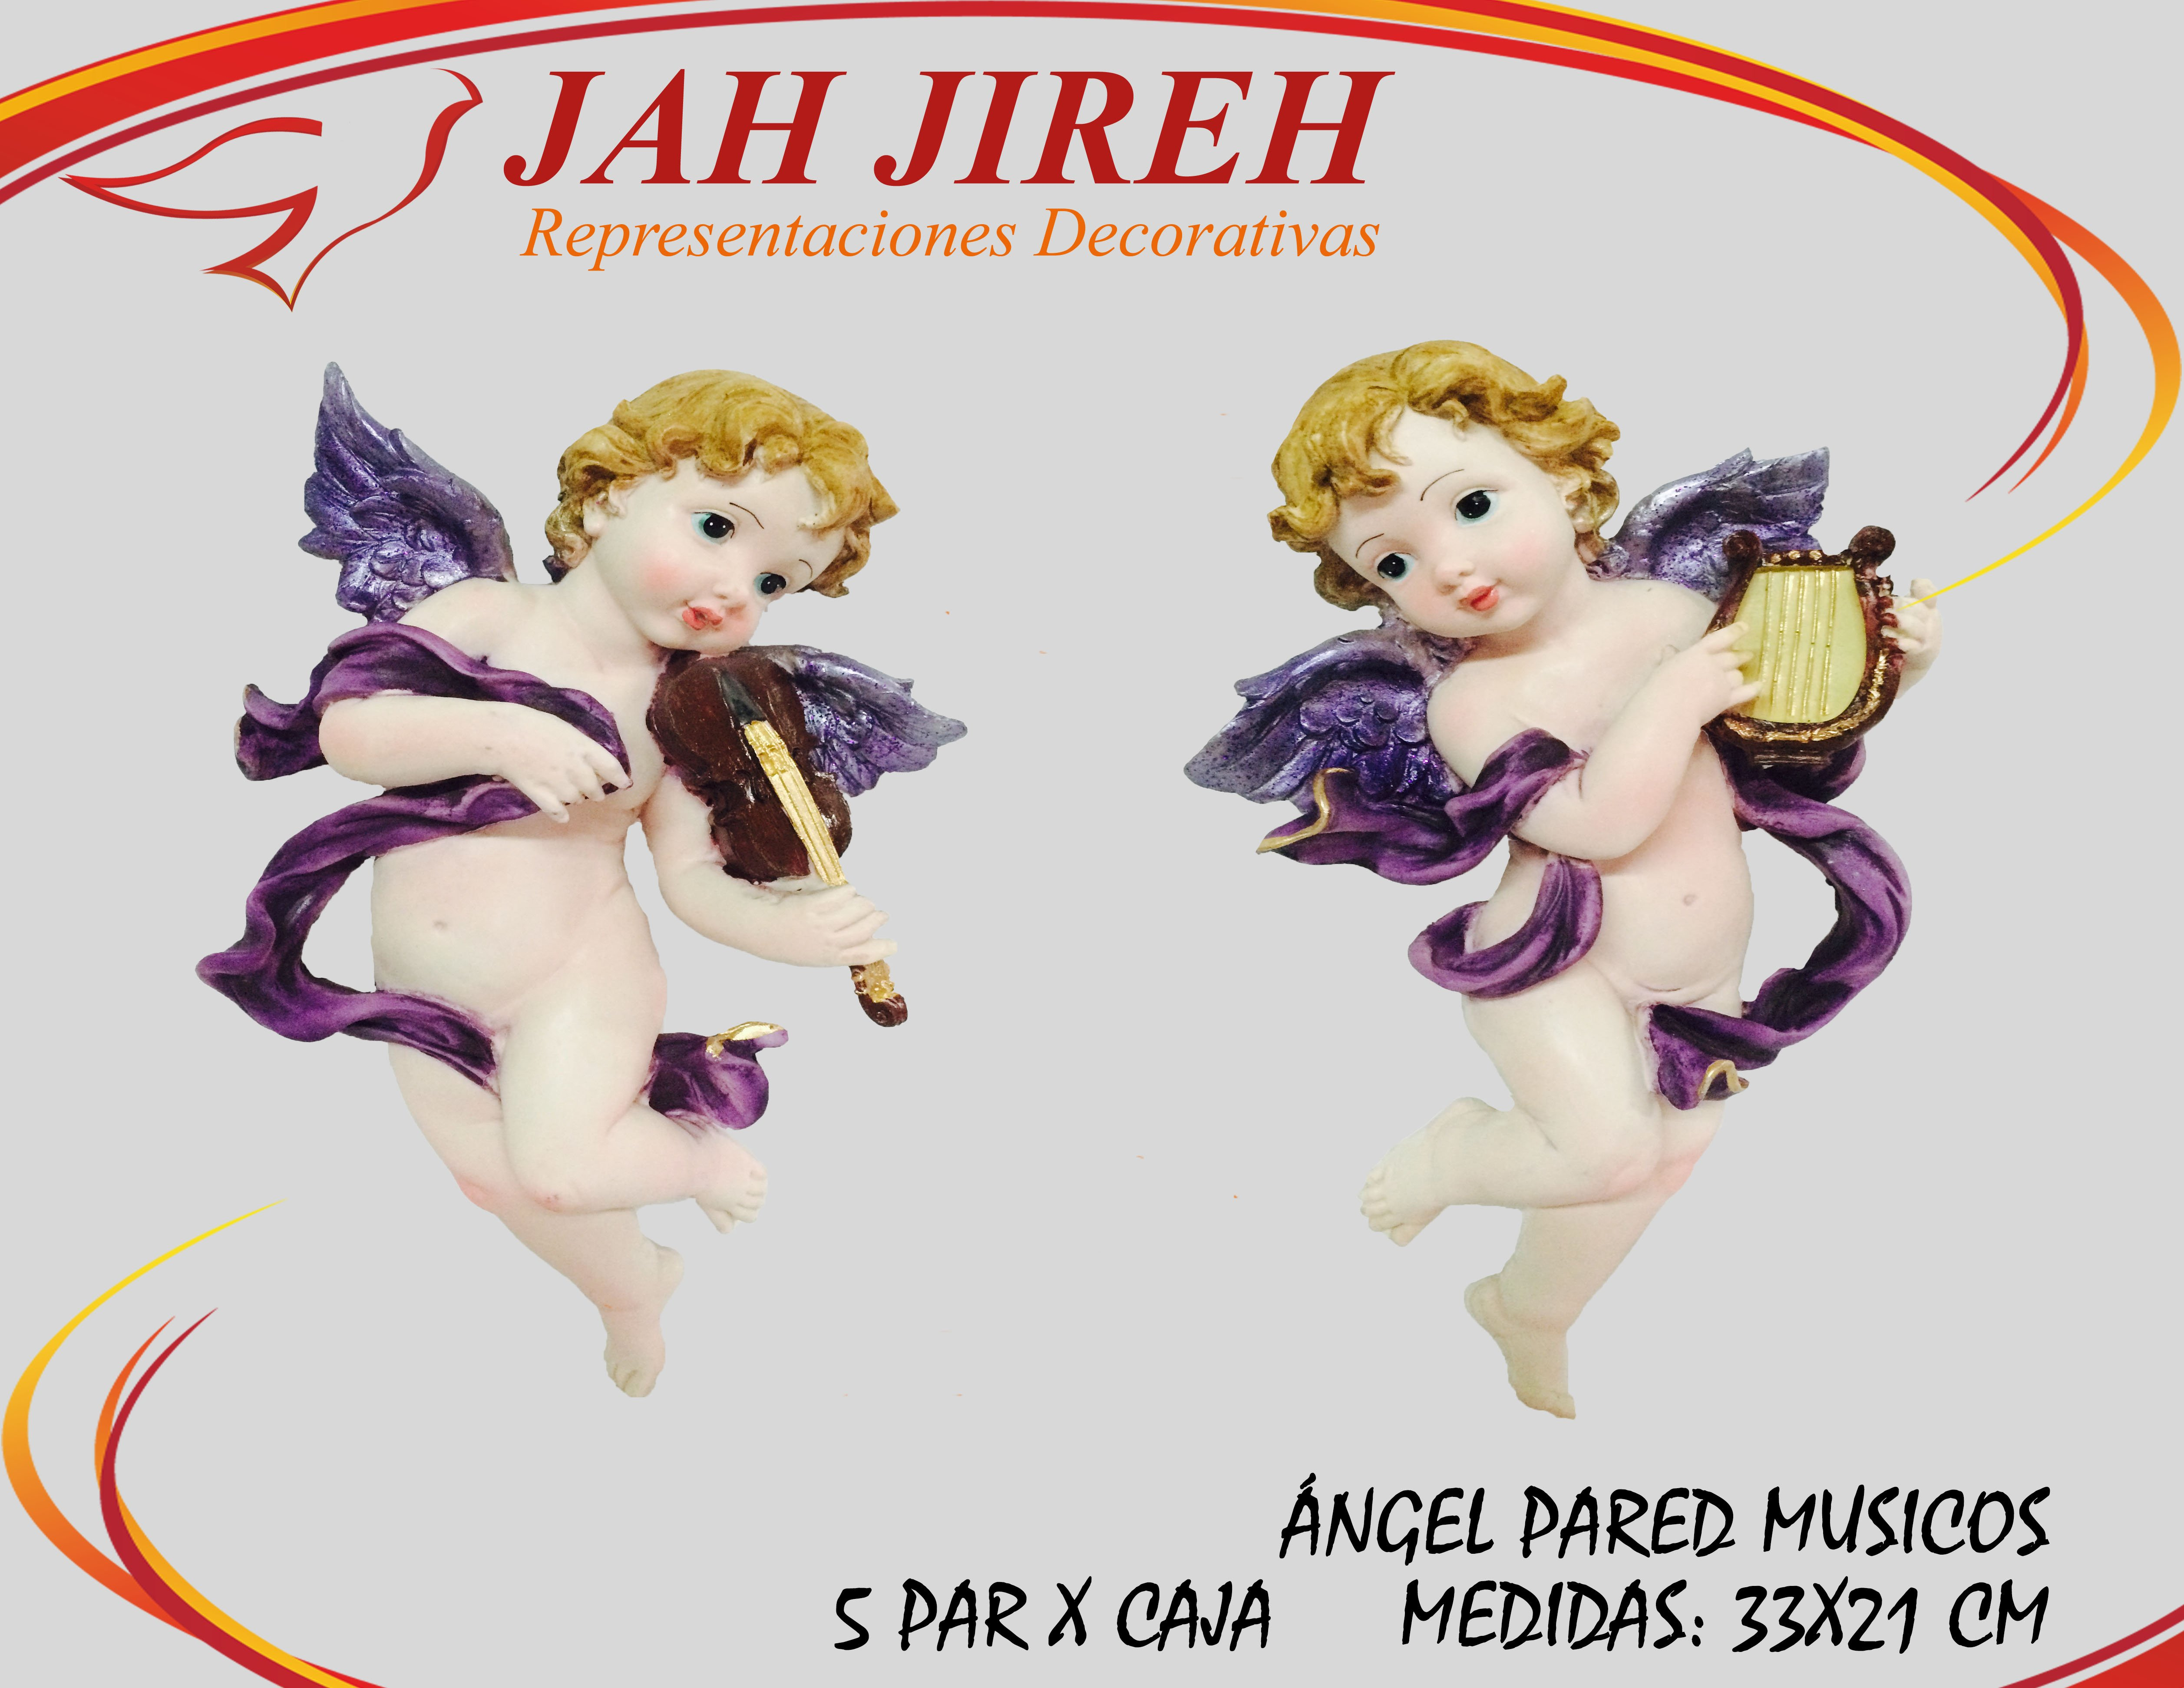 https://0201.nccdn.net/1_2/000/000/0d0/c5b/angel-pared-musicos.jpg